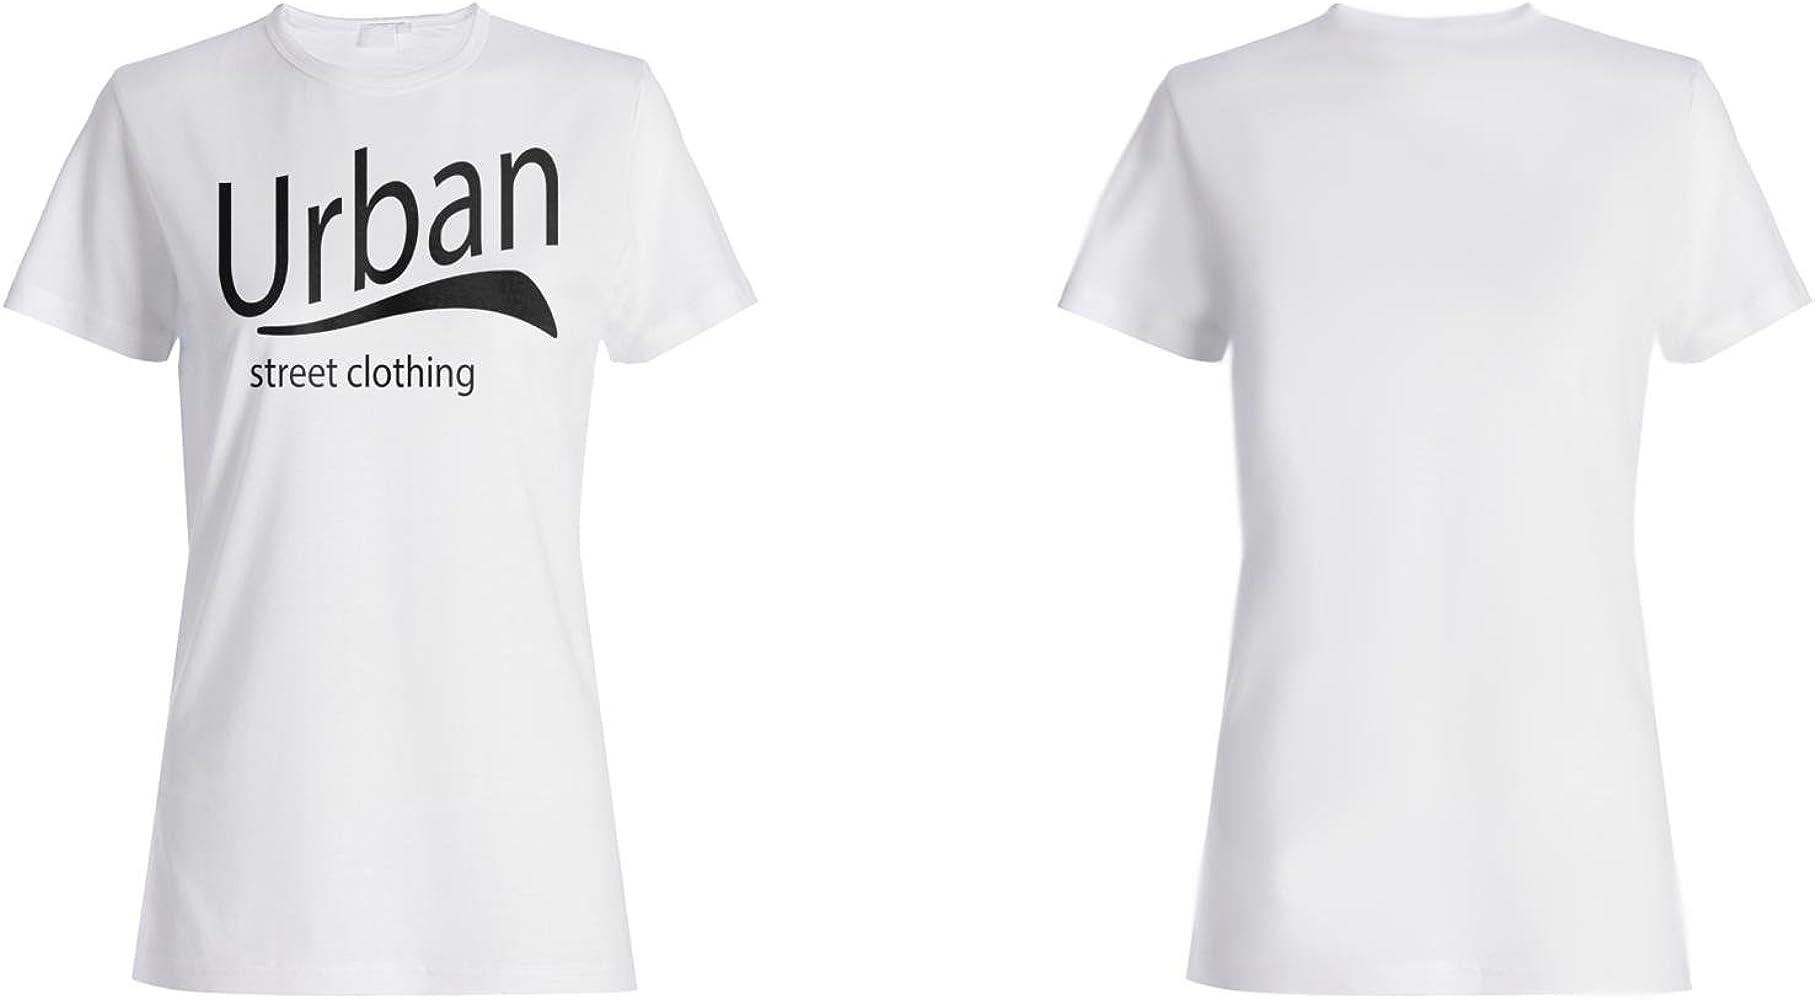 Calle Urbana Ropa Camiseta de Las Mujeres l970f: Amazon.es: Ropa y accesorios